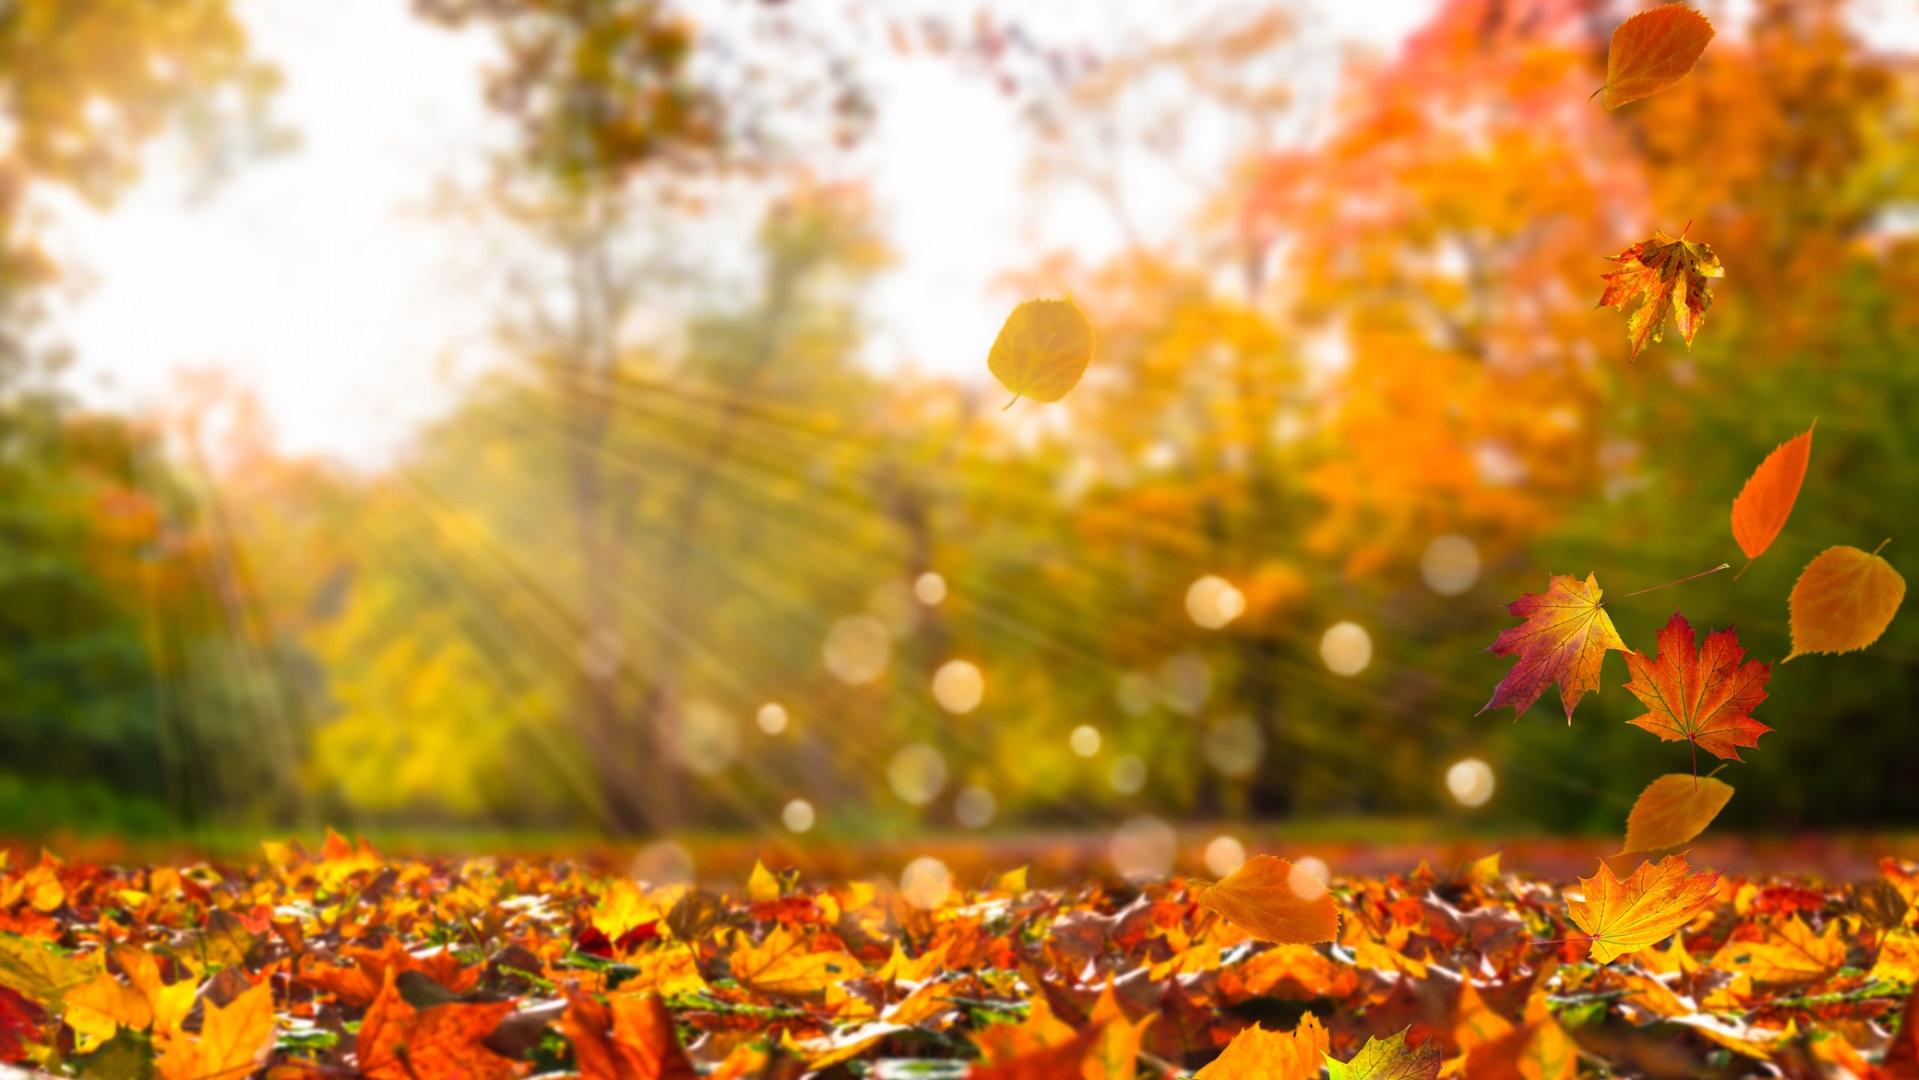 Защо листата променят цветовете си<br /> <br /> За няколко кратки седмици през есента светът е буря от цветове (поне ако живеете там, където се срещат много широколистни дървета). Листата променят цвета си през есента, тъй като в отговор на съкращаването на дневните часове, дърветата спират да произвеждат хлорофил. Без огромното зелено на хлорофила, други пигменти стават видими.